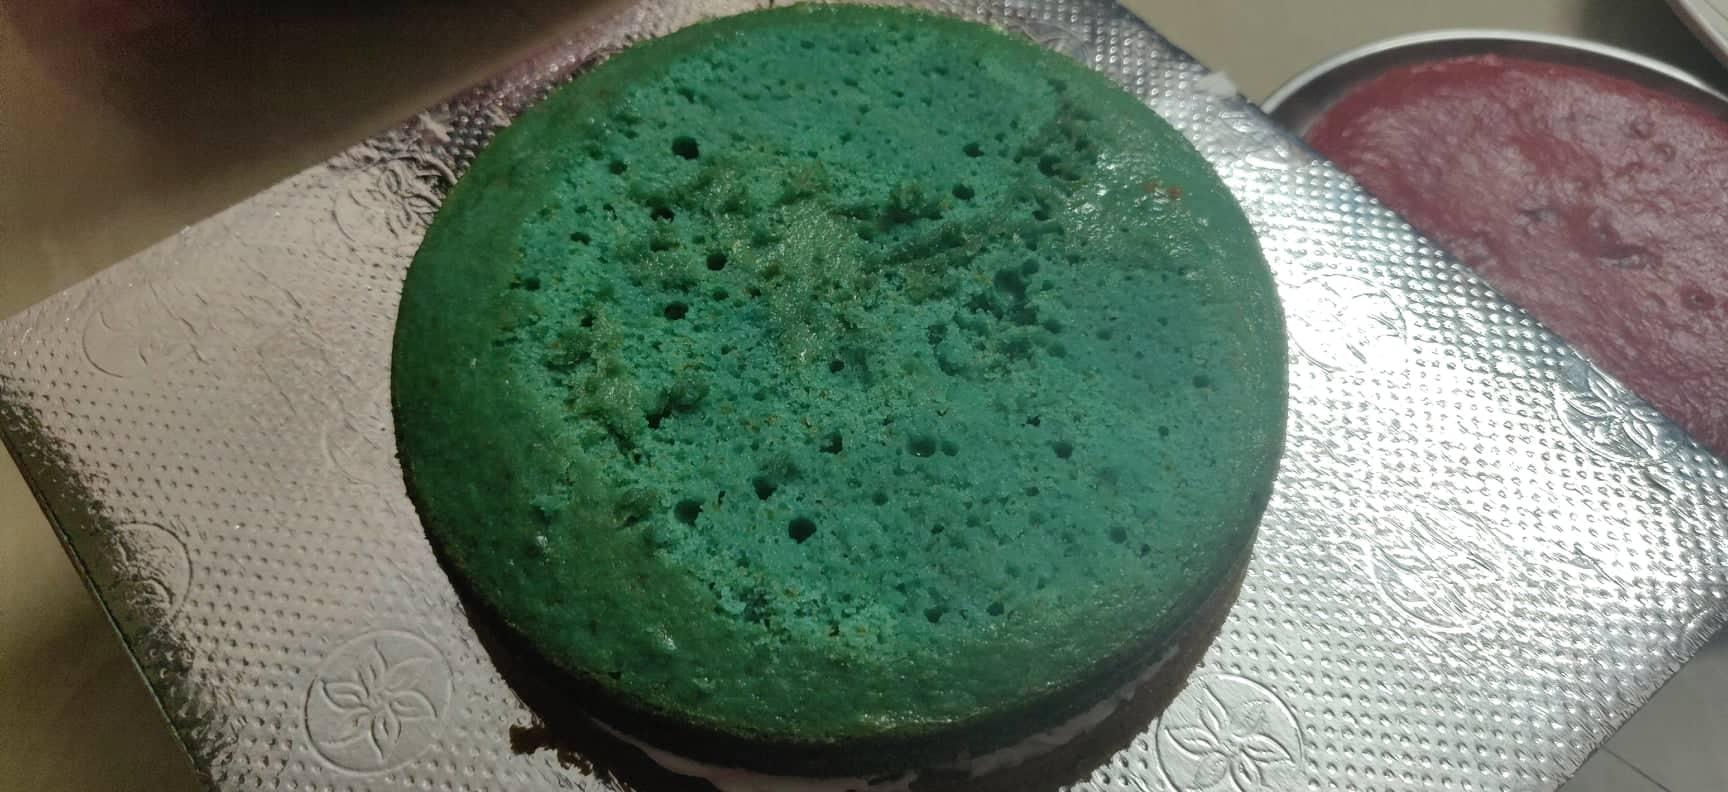 rainbow_cake - 81373222_472434753461540_2842032279839047680_n